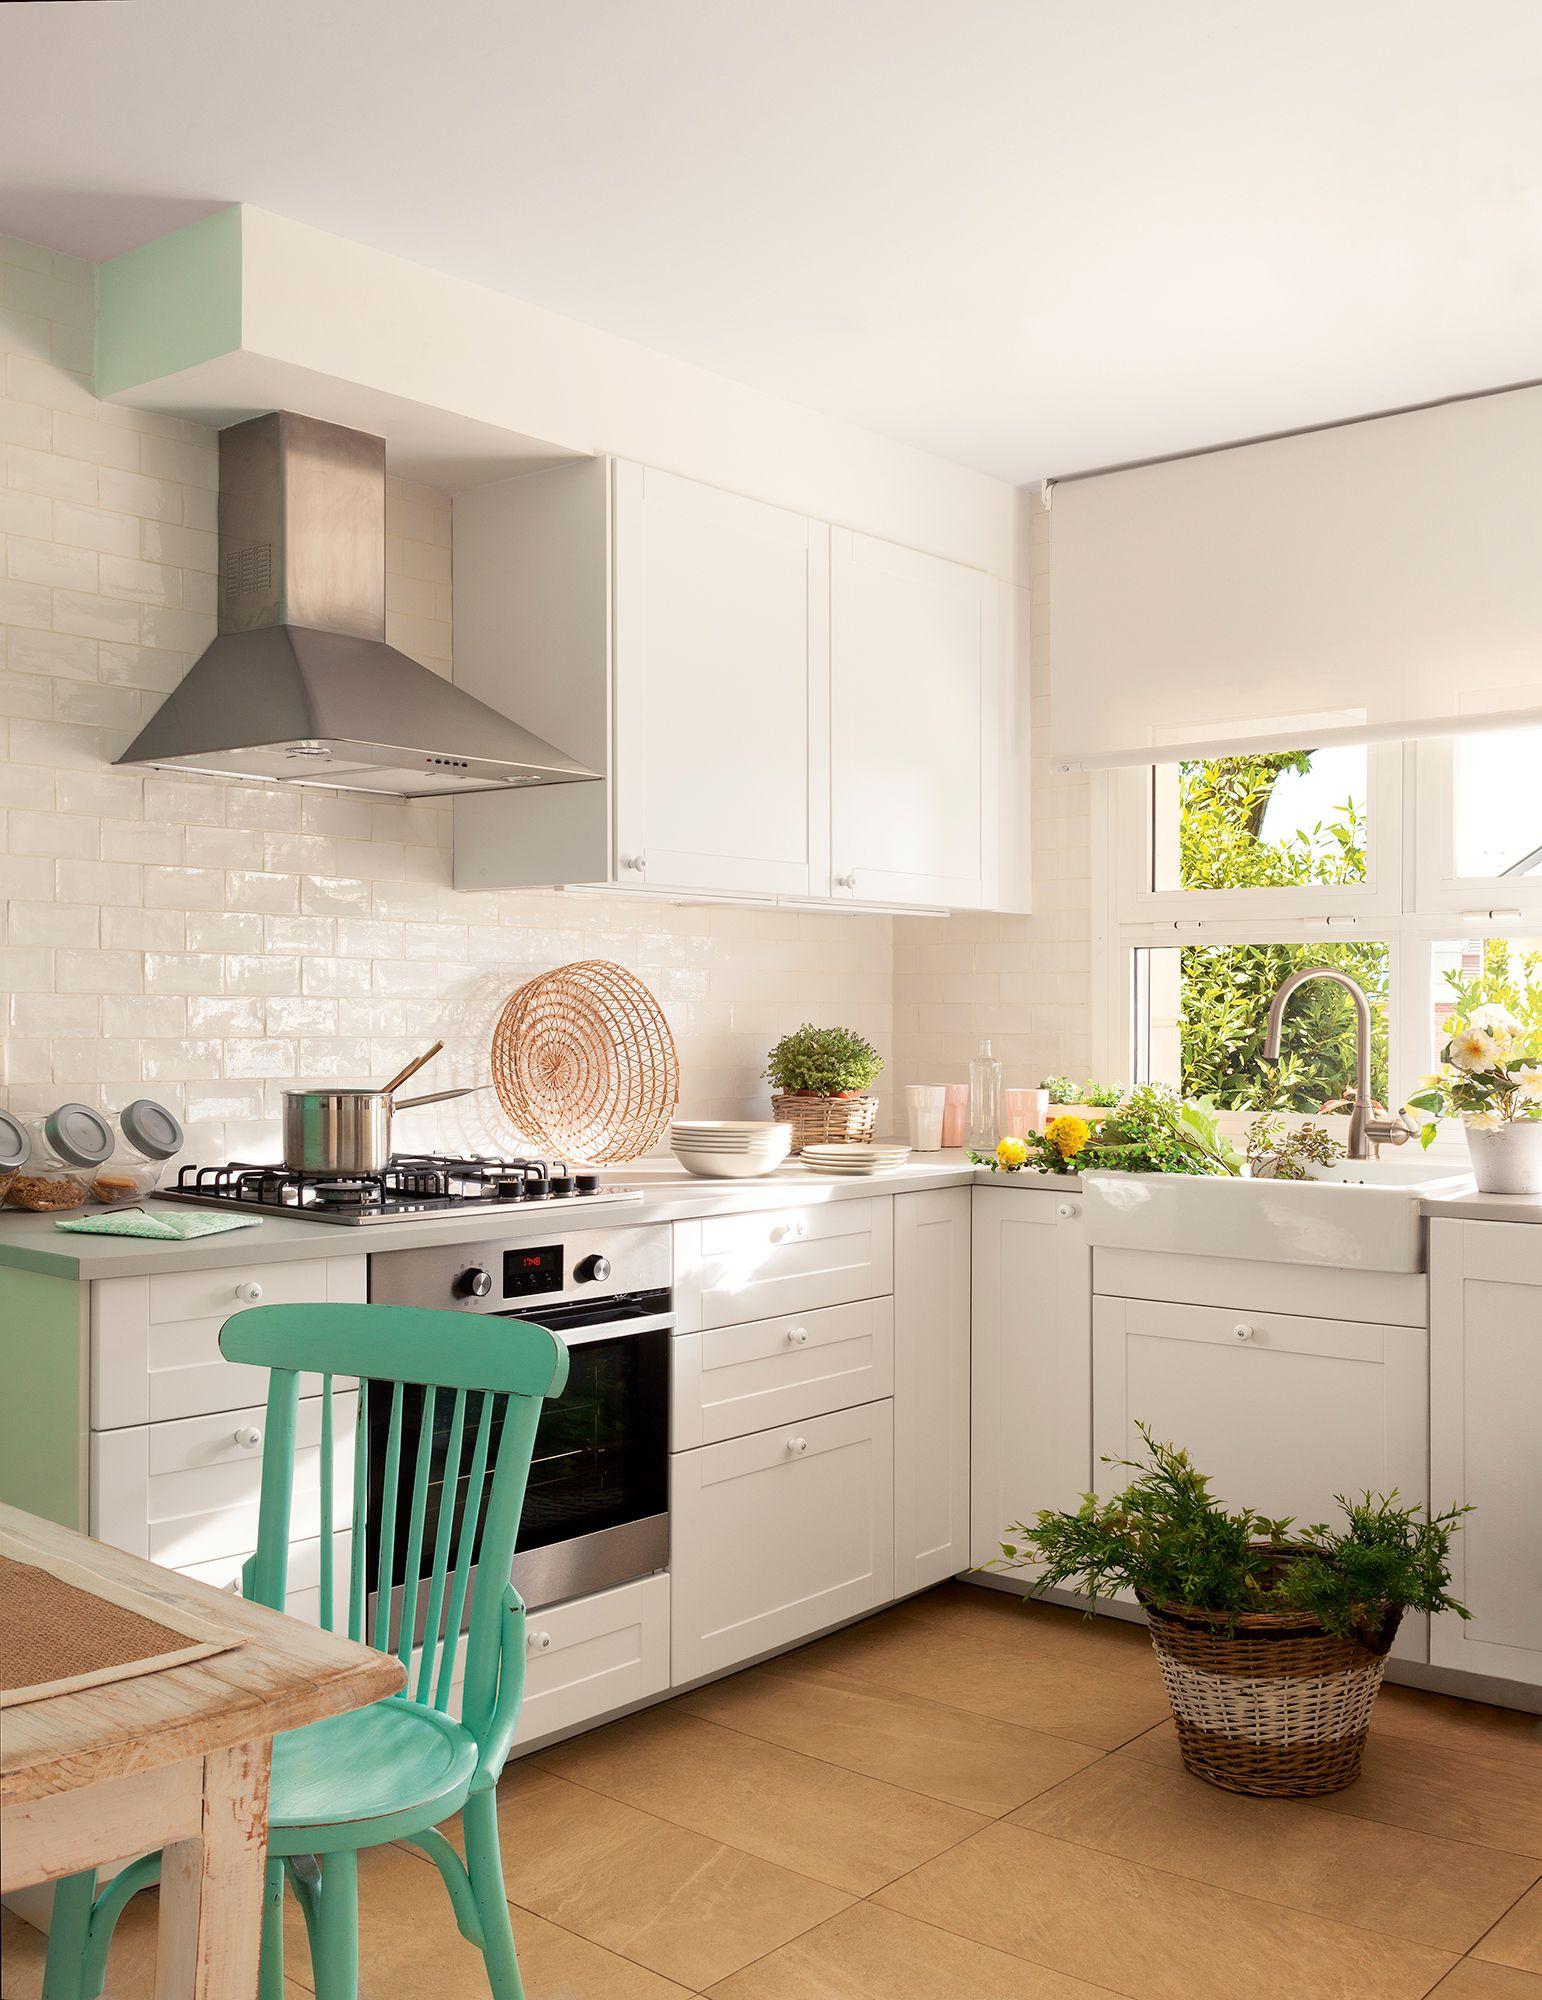 Blanco y verde, a dúo  Fotos de cocinas pequeñas, Decoración de